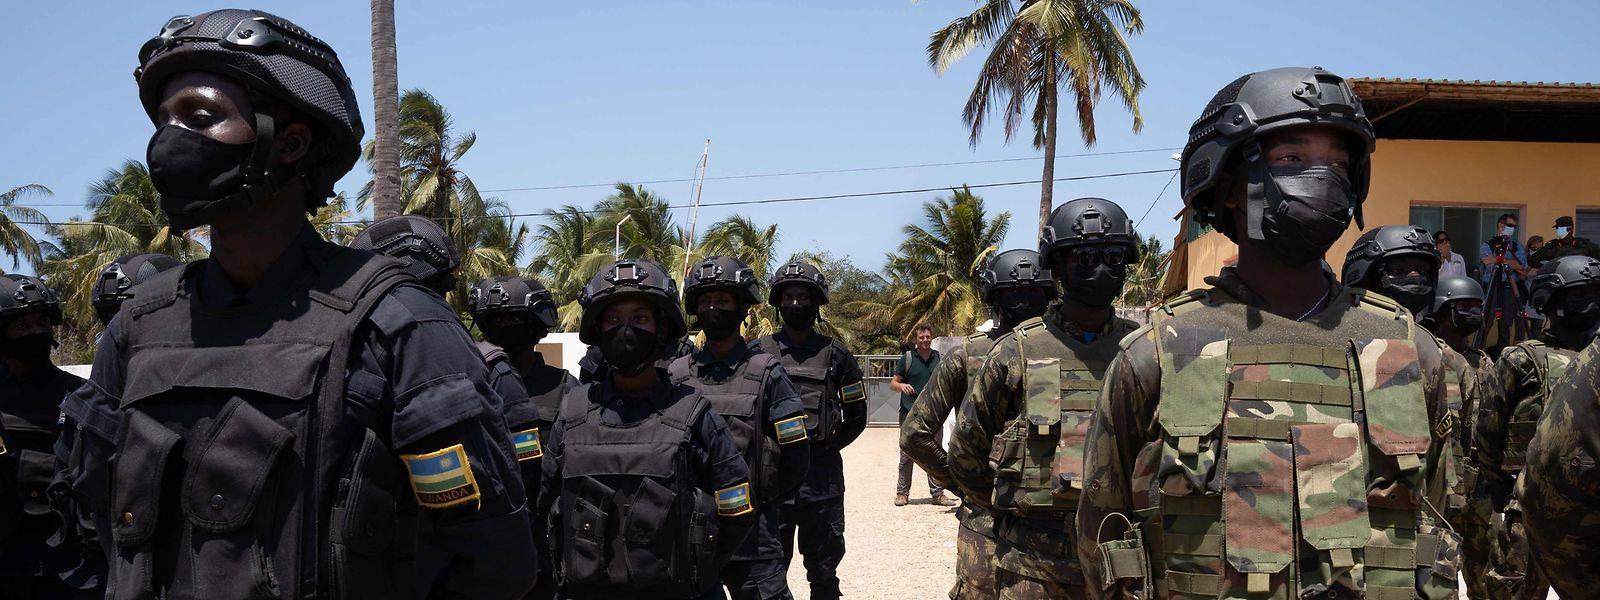 Tropas do Ruanda e de Moçambique uniram esforços para combater a violência de grupos extremistas em Cabo Delgado.